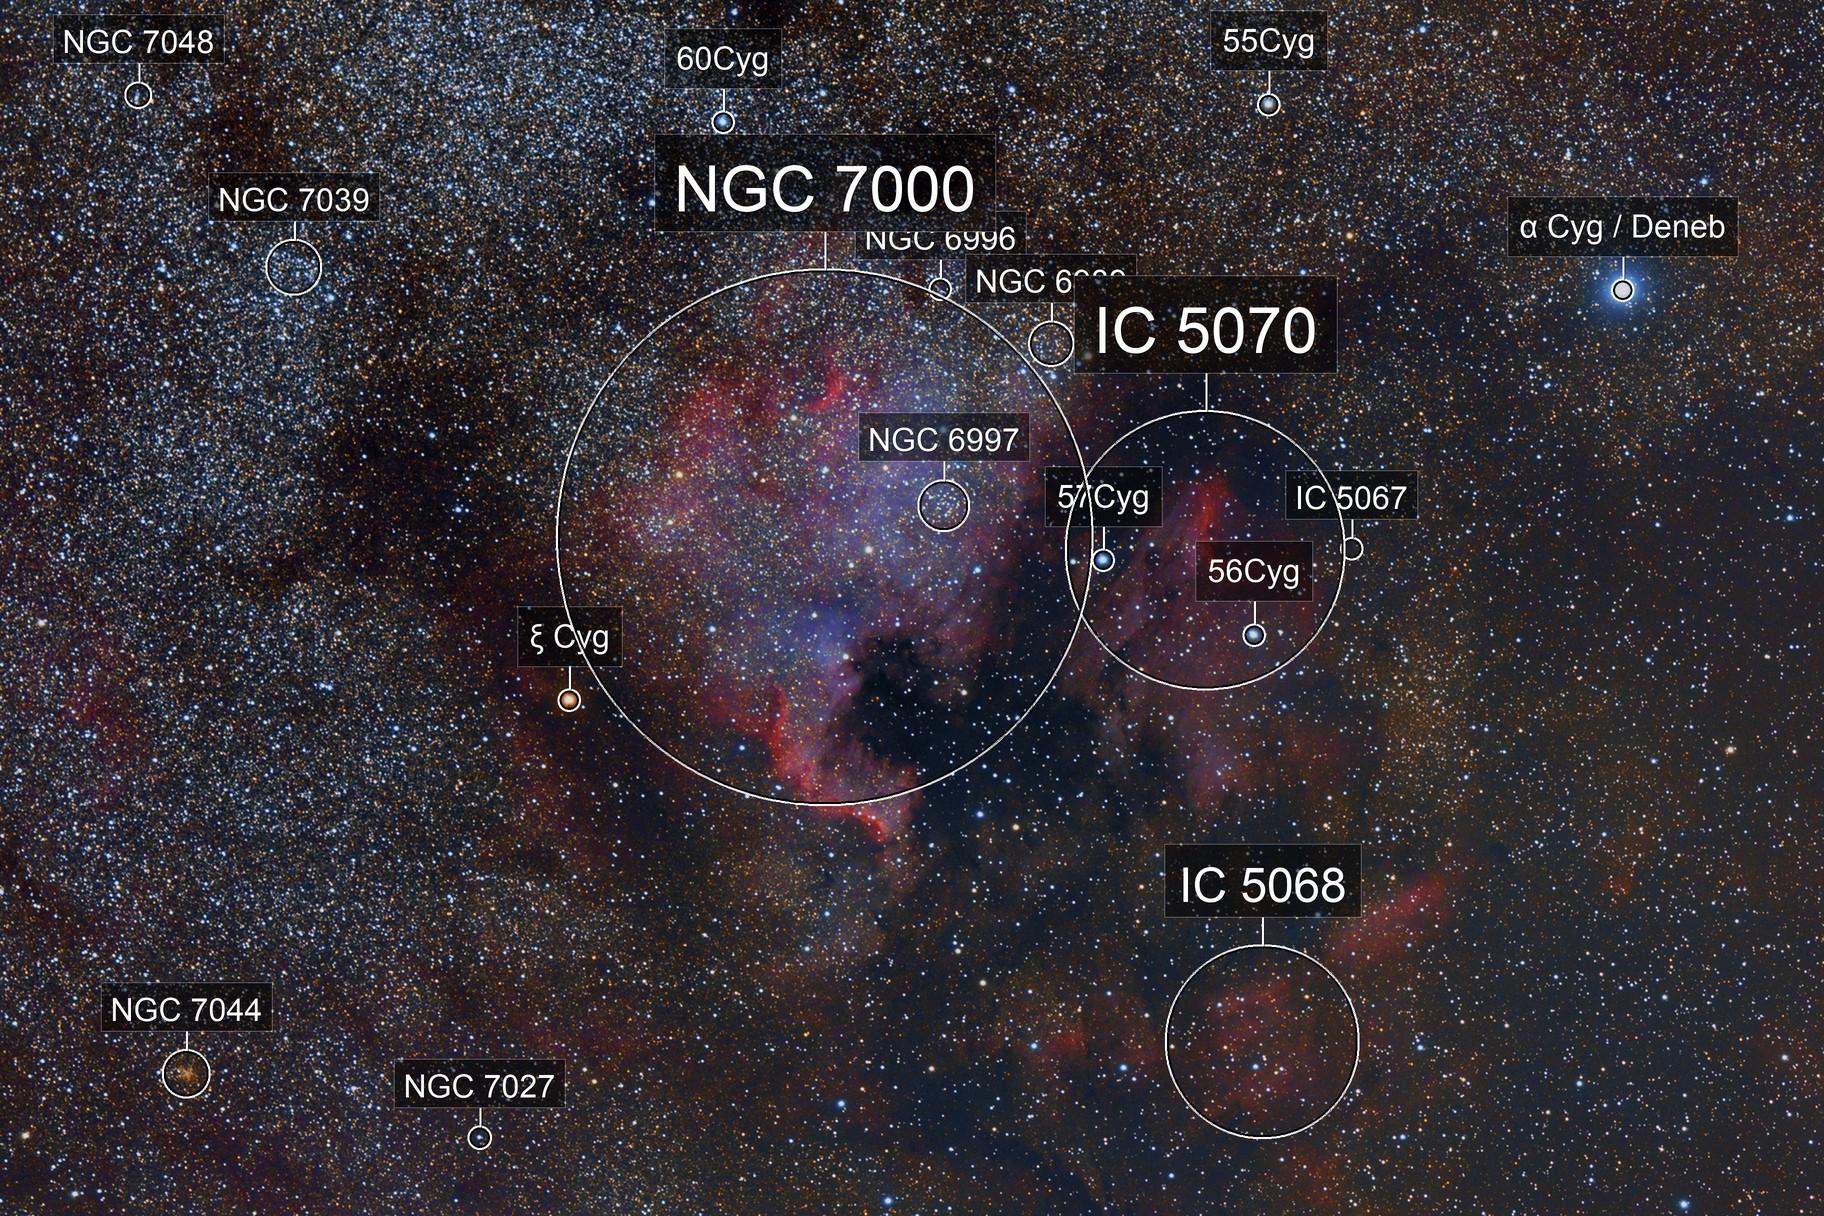 North American Nebula (NGC 7000)